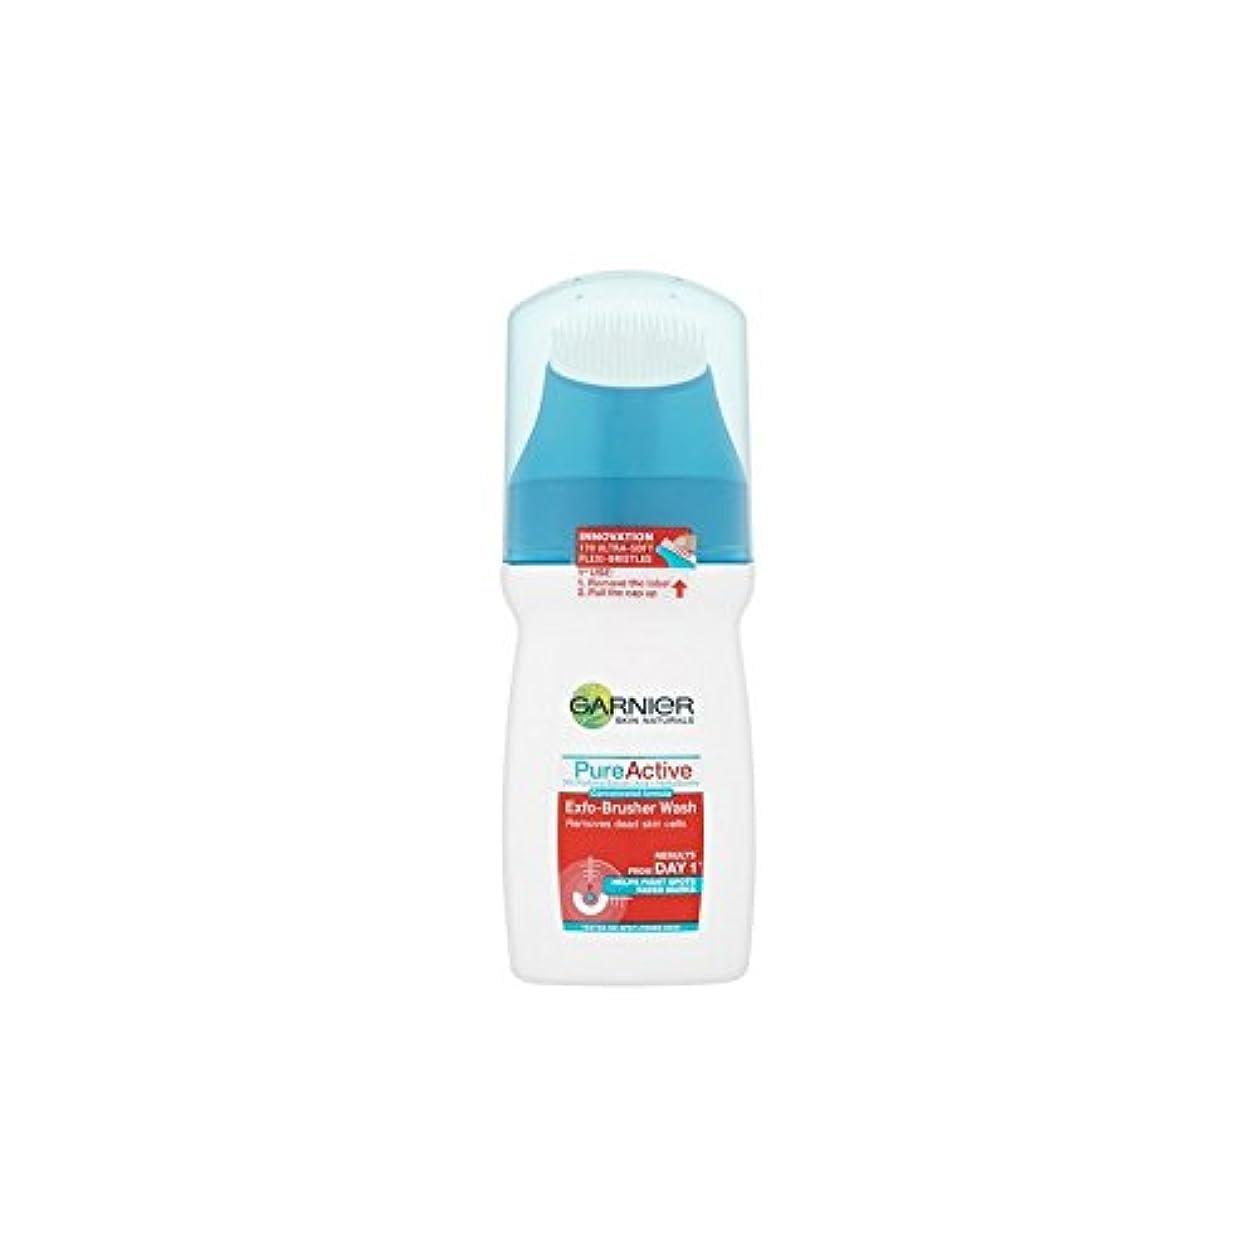 シーン姉妹アルバムガルニエ純粋な活性-ブラッシャーの洗顔(150ミリリットル) x4 - Garnier Pure Active Exfo-Brusher Face Wash (150ml) (Pack of 4) [並行輸入品]